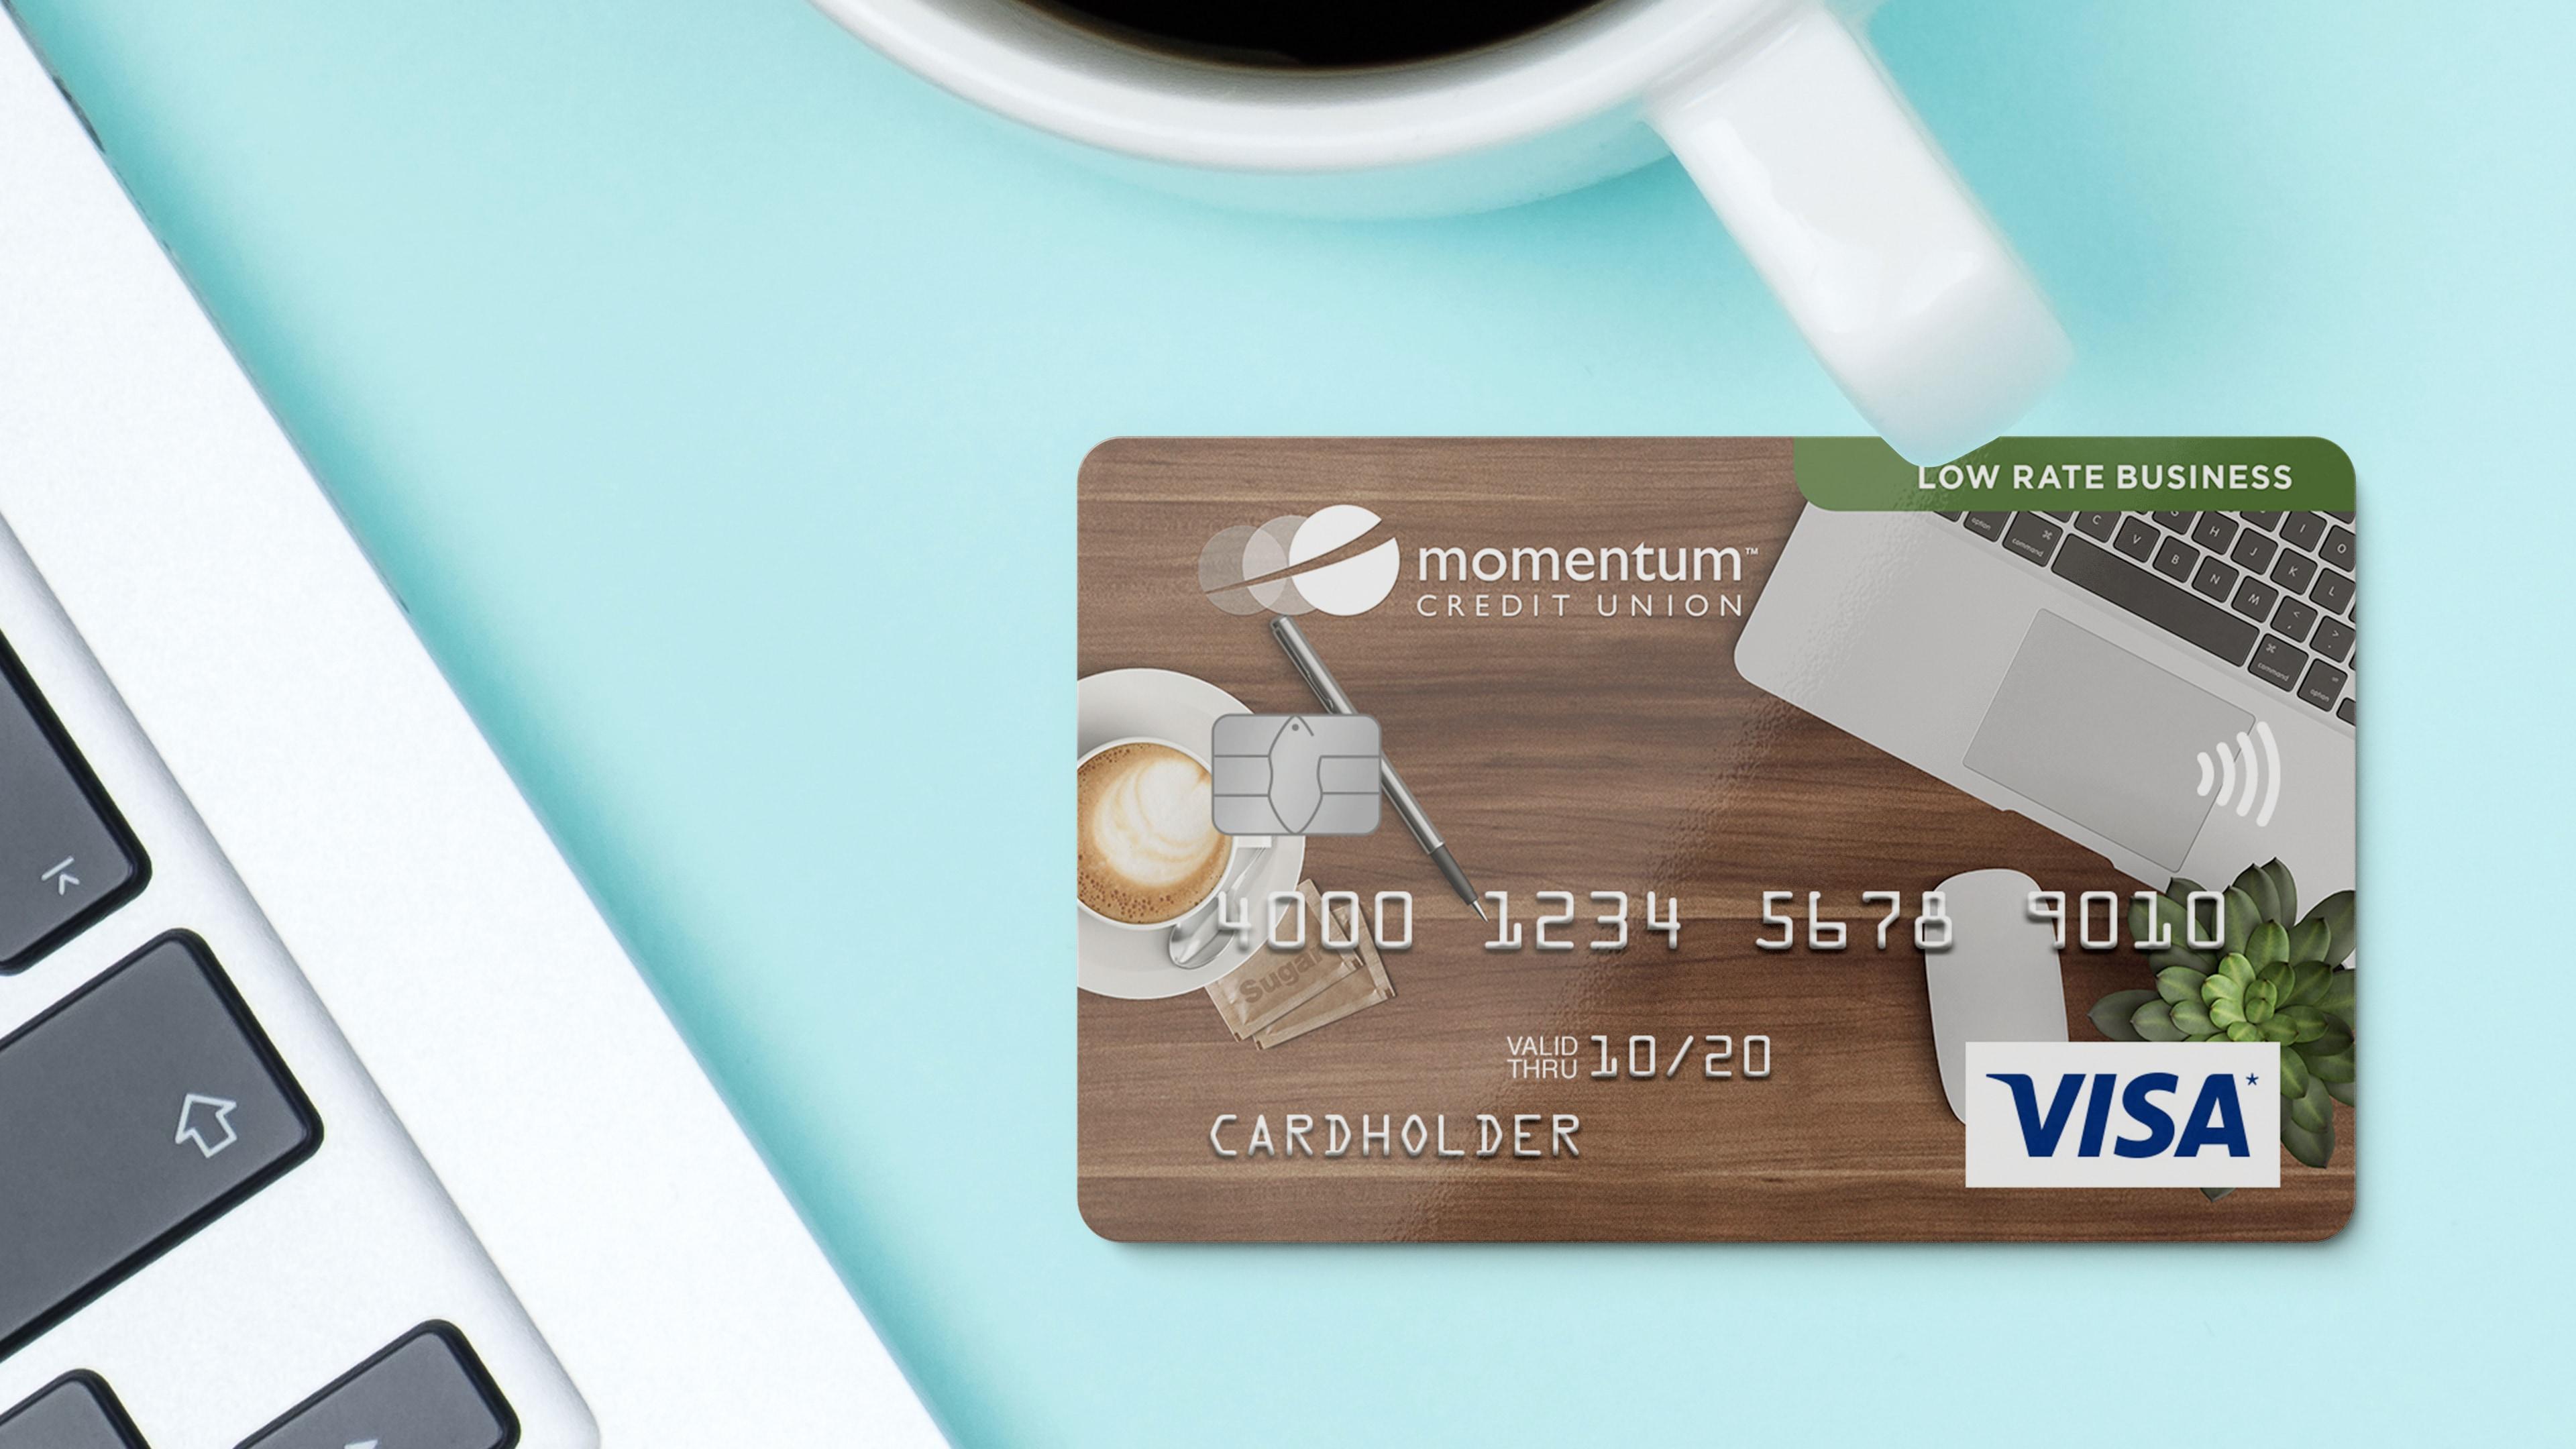 Momentum Visa Low Rate Business